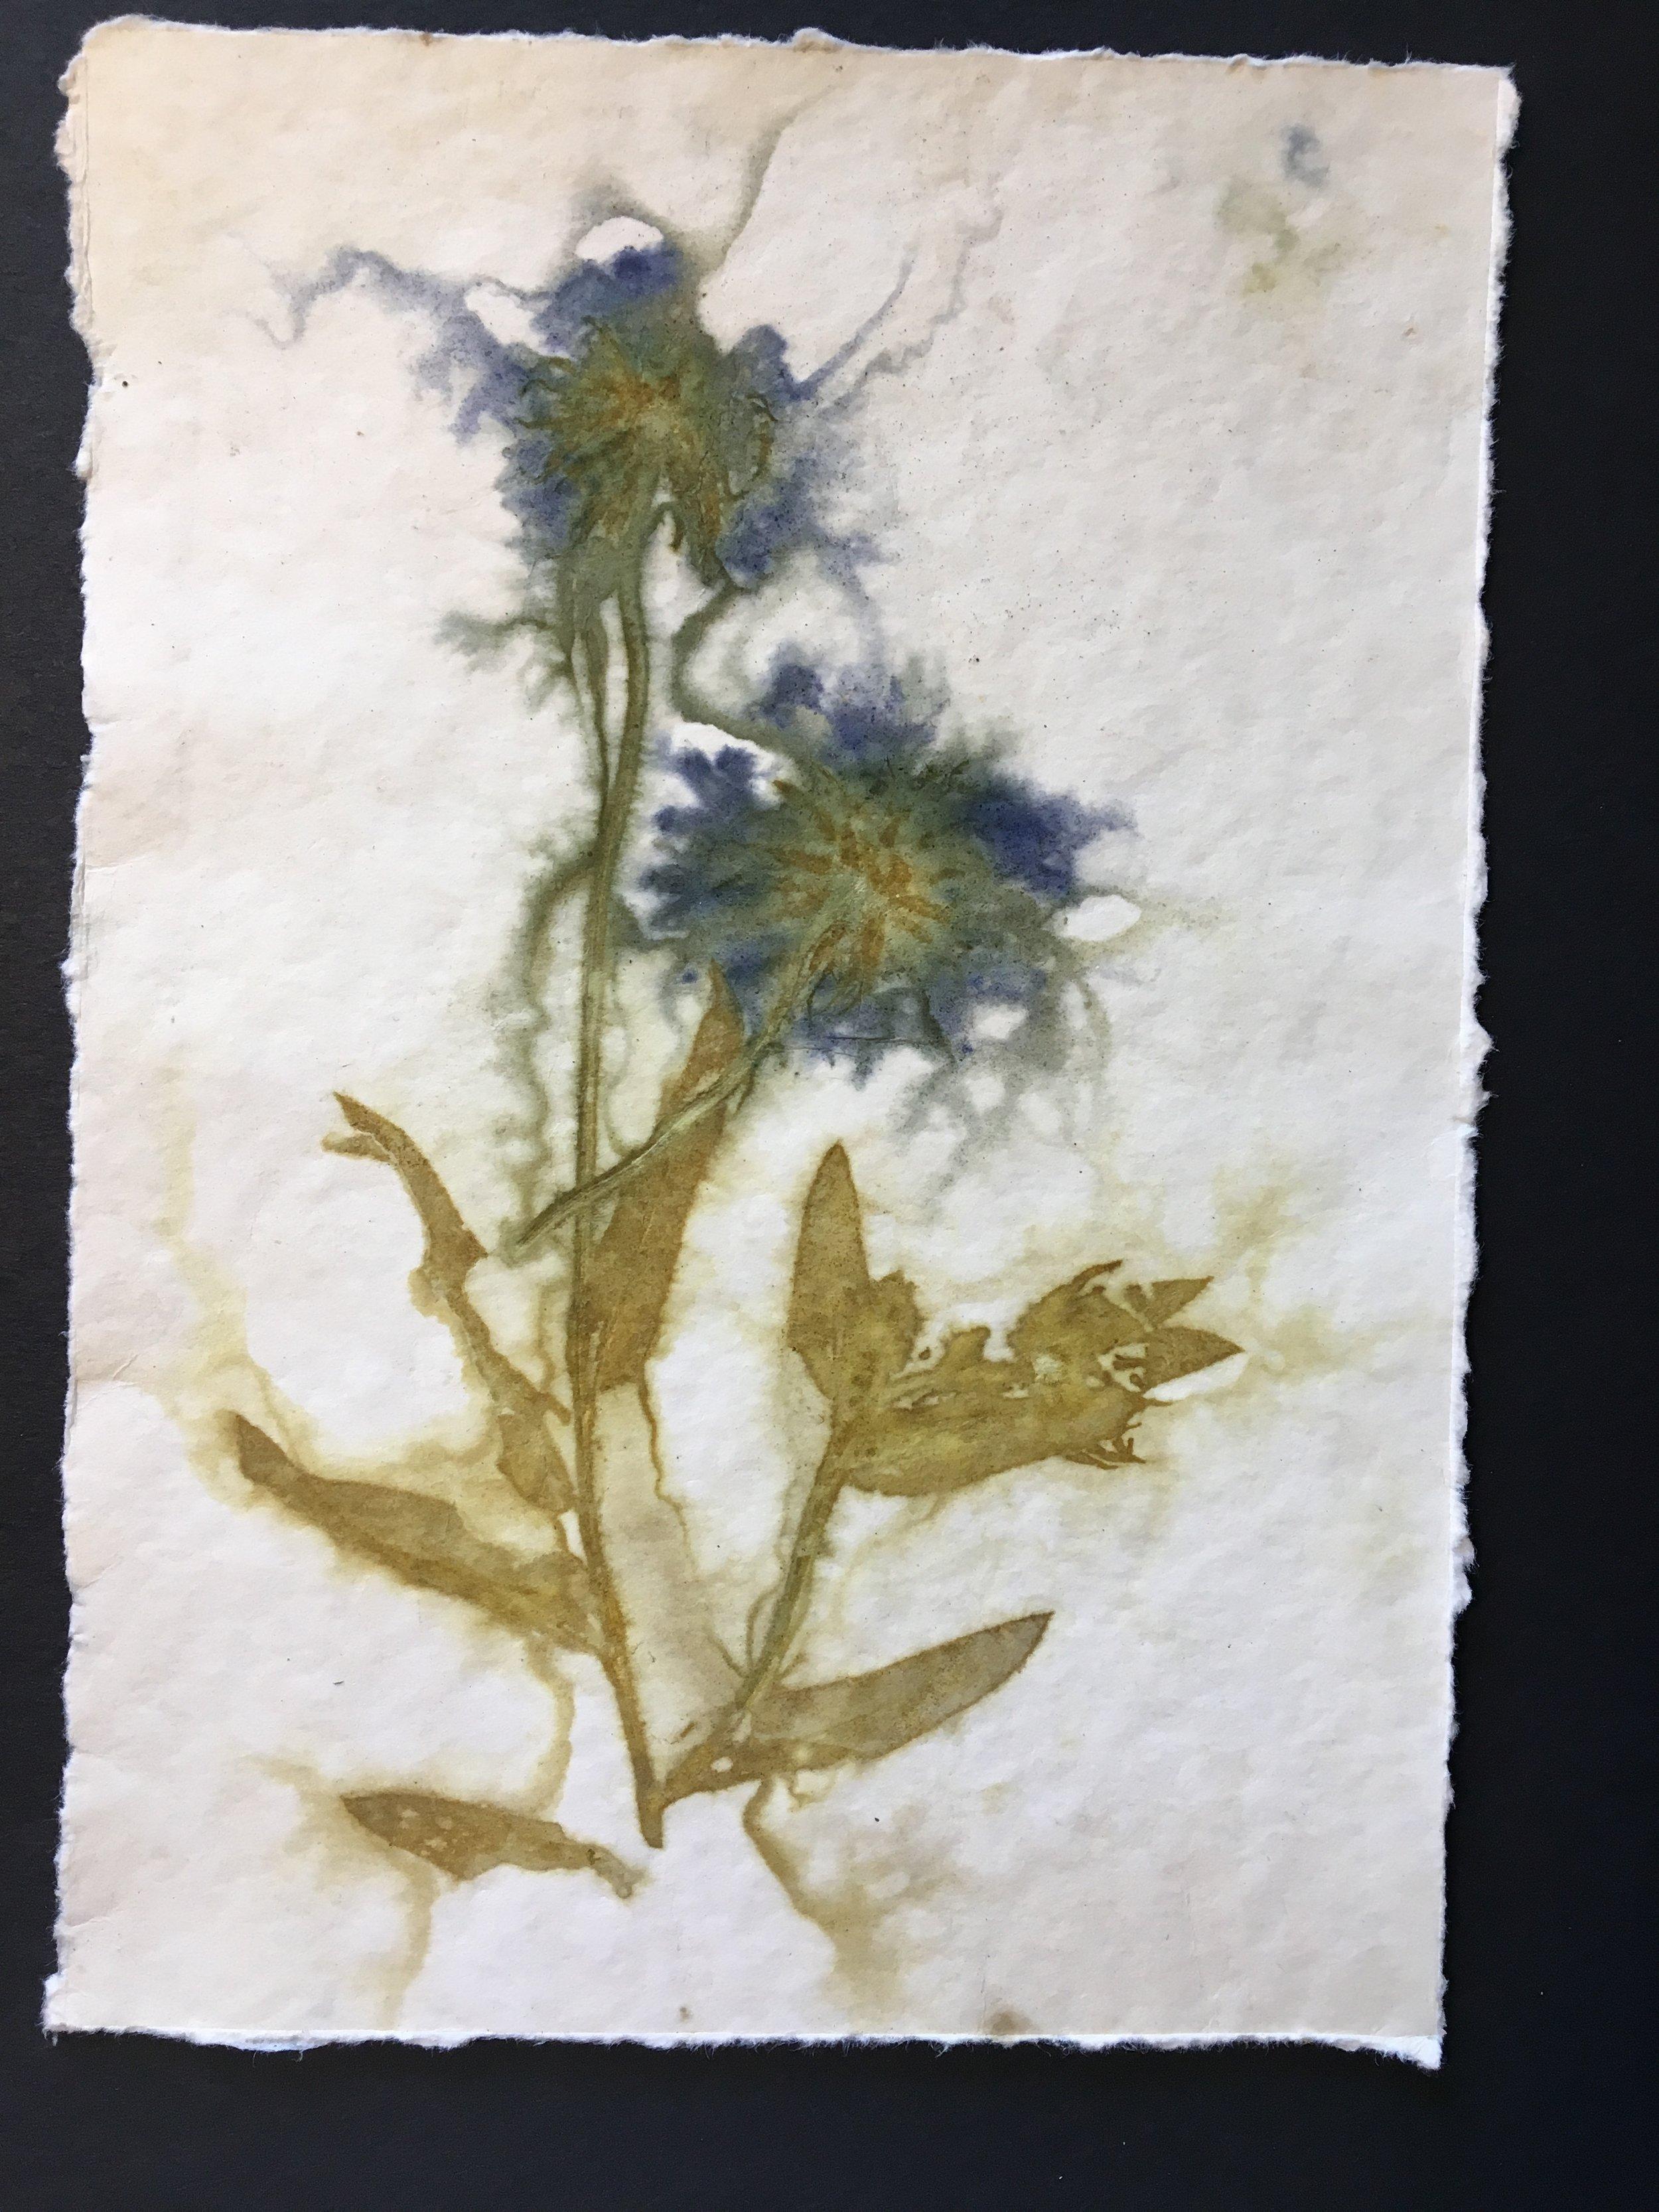 Gaillardia flowers and leaves